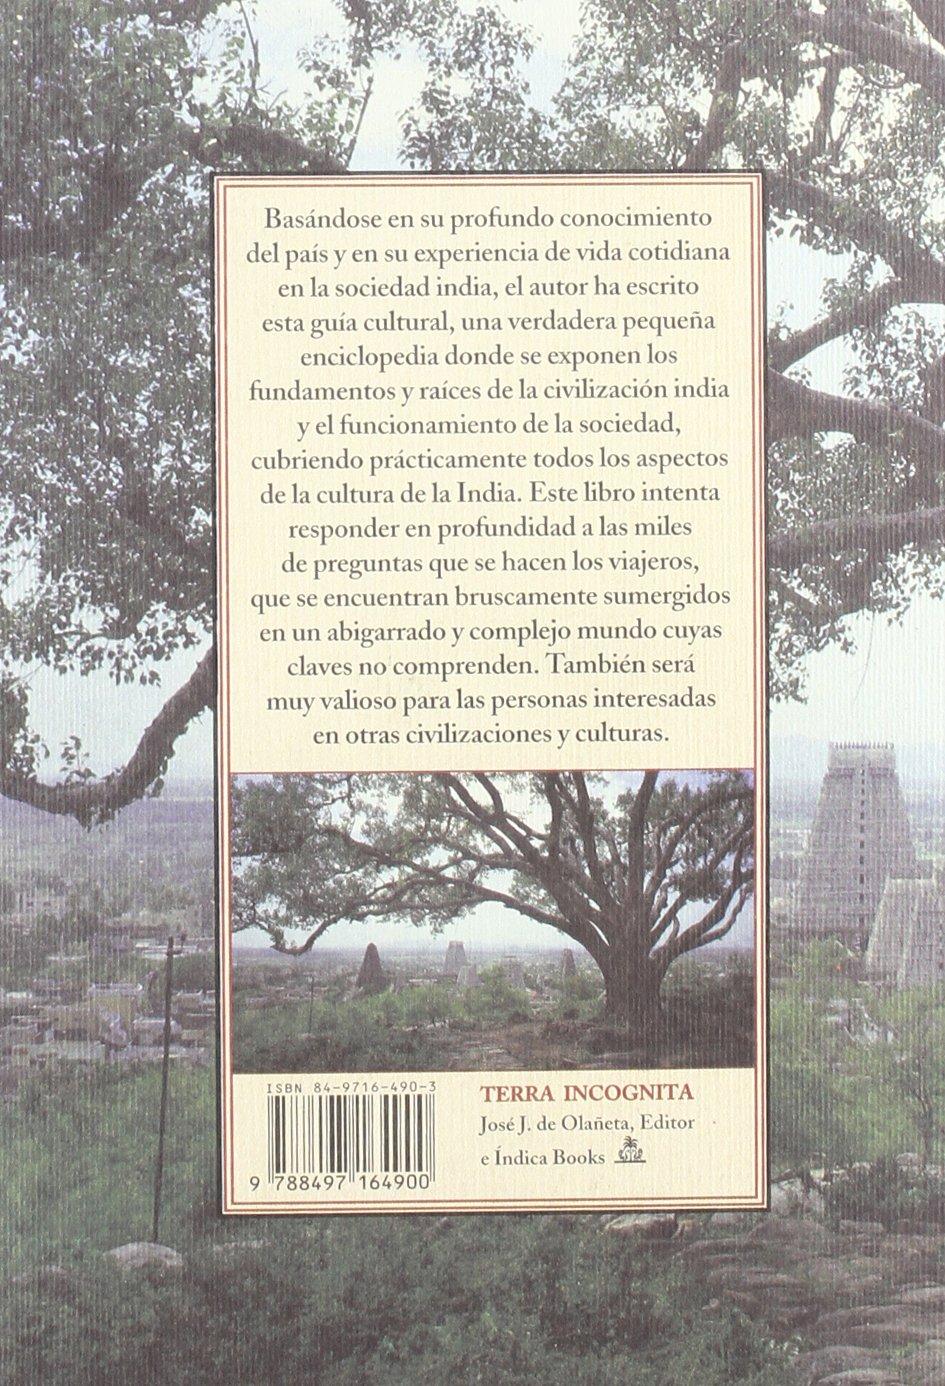 La India Por Dentro (Terra Incognita): Amazon.es: Álvaro Enterria: Libros